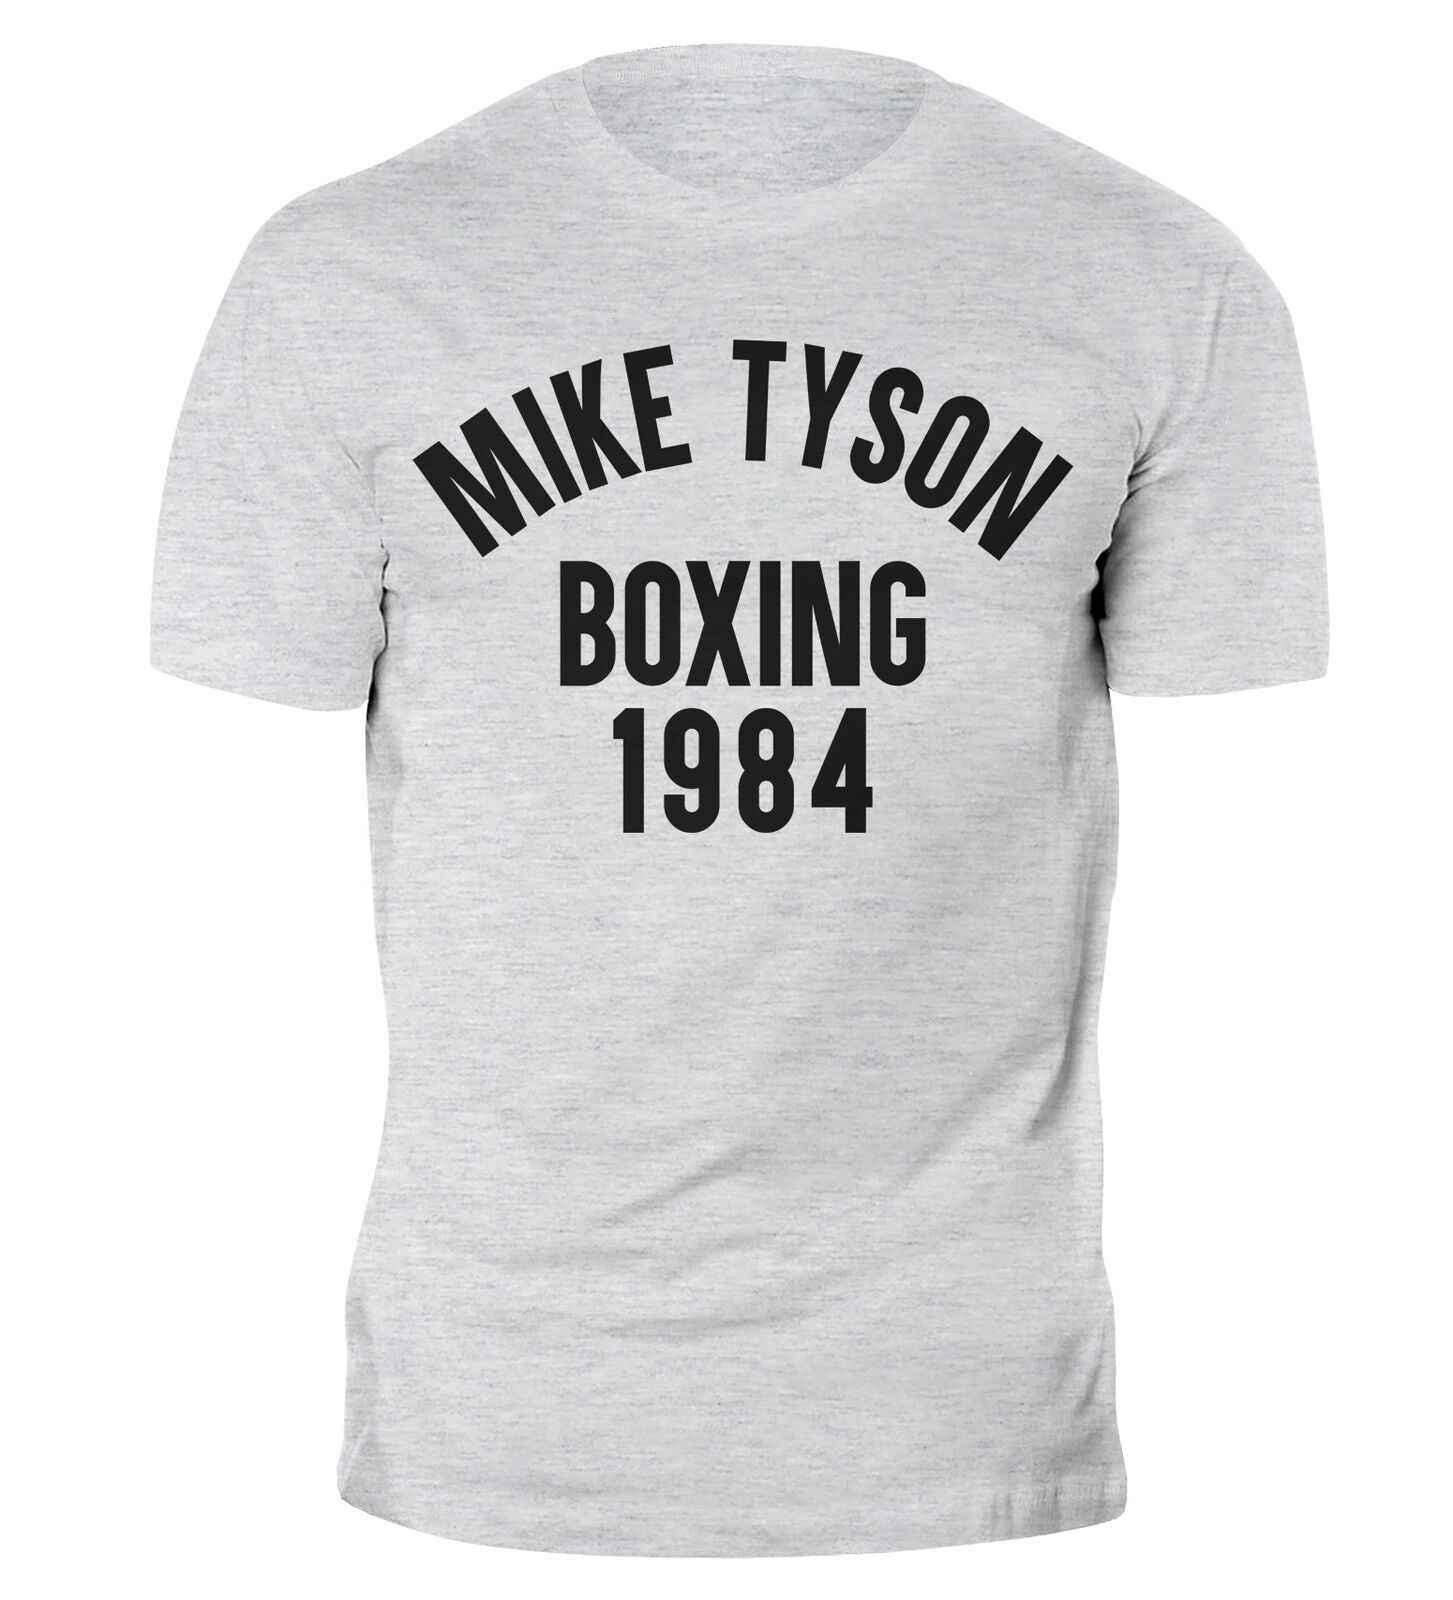 Camiseta de boxeo para el gimnasio de la caja de Muhammad Ali de 1984 Tyson